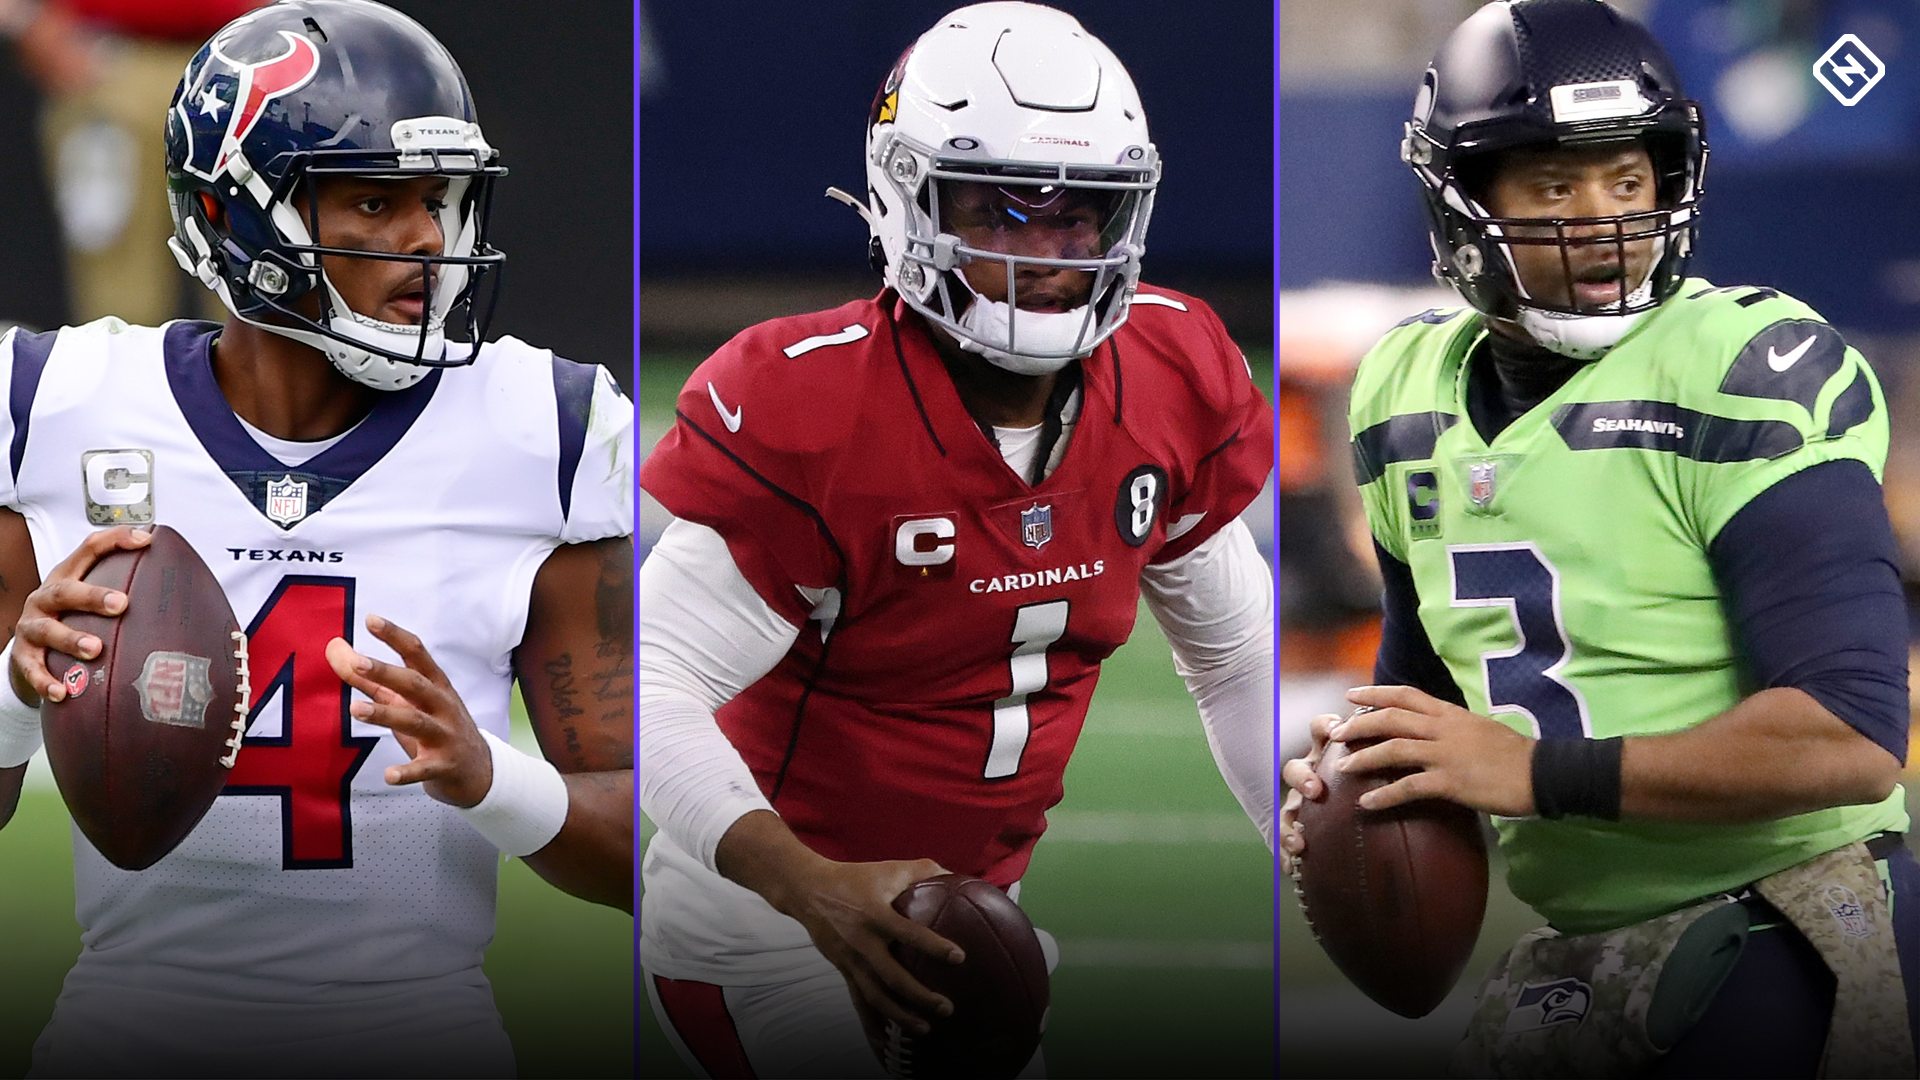 NFL Week 13 Betting Guide: Spread, moneyline, over/under picks